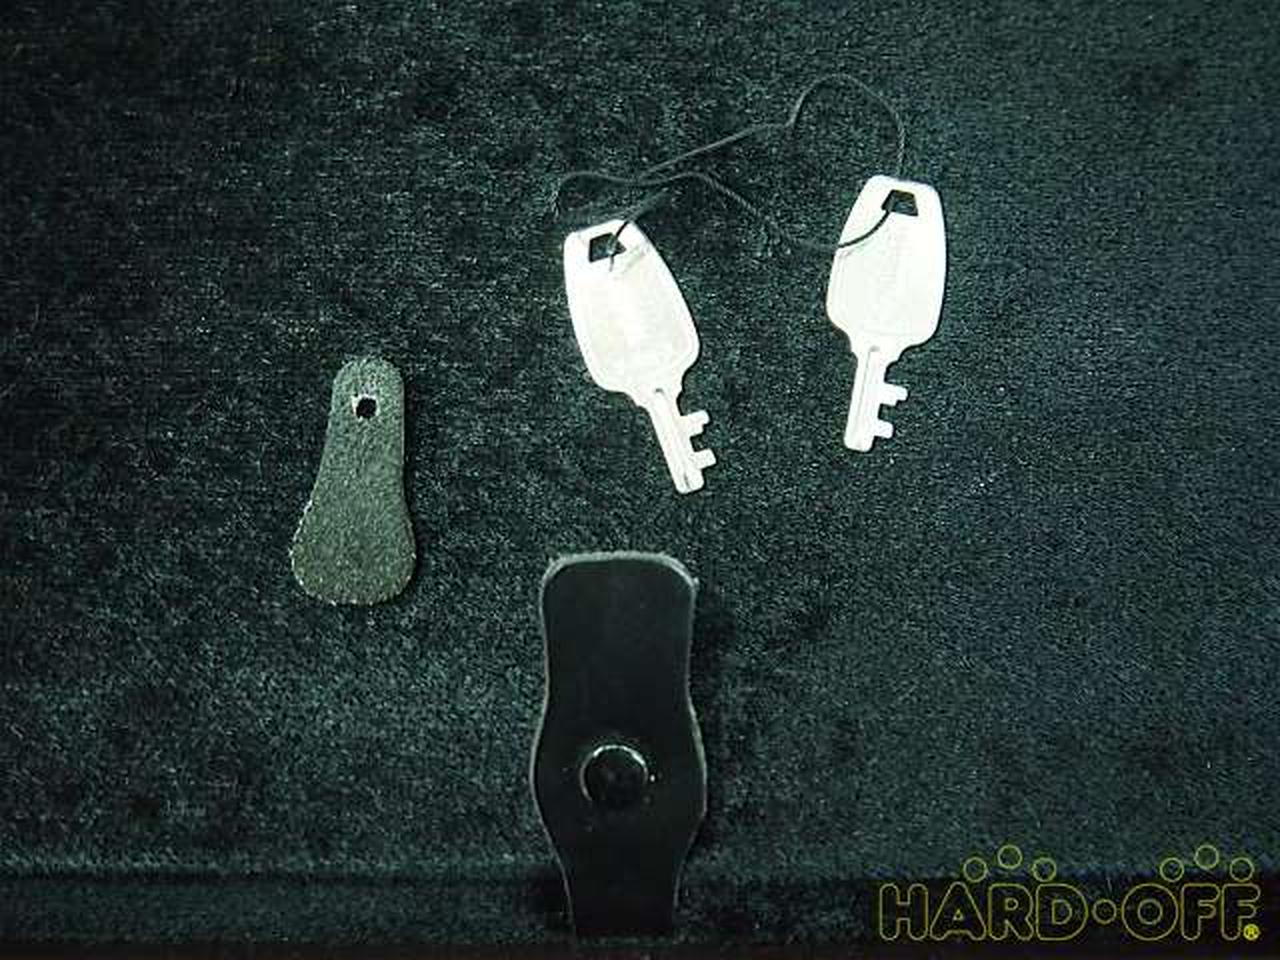 小物入れの留め具破損。鍵×2付属